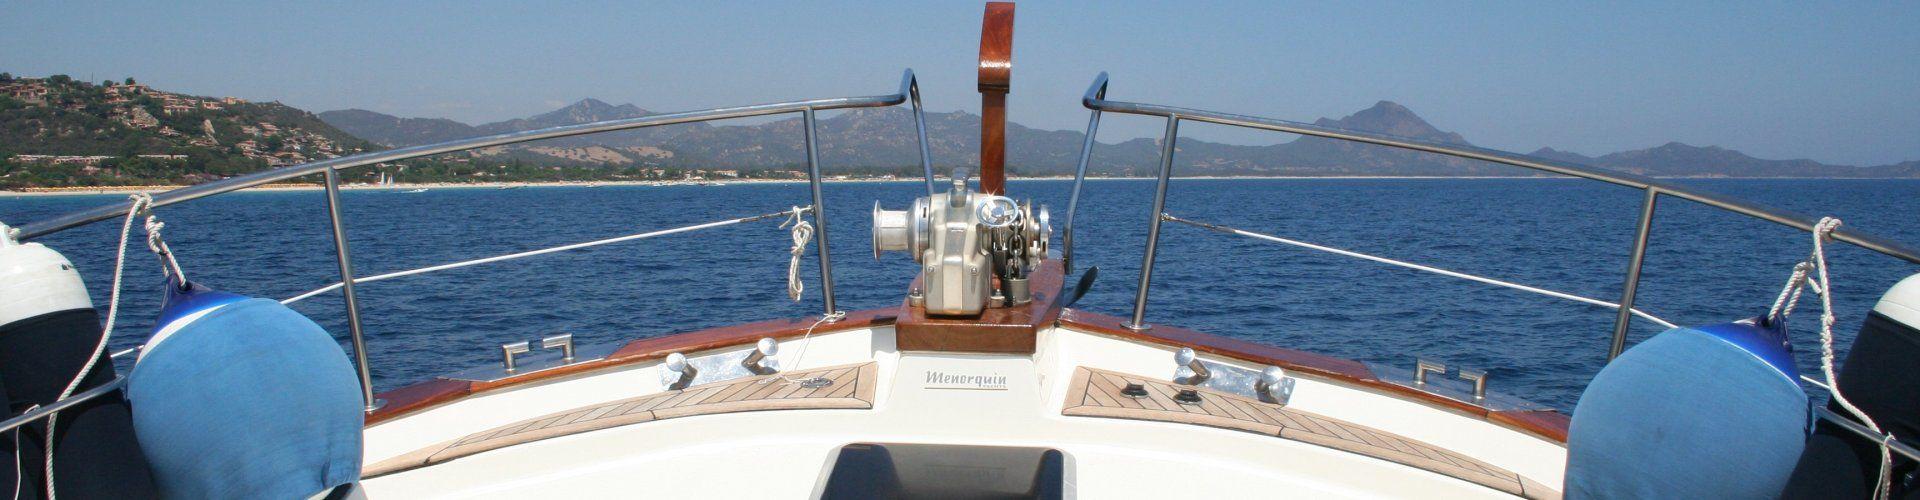 Motorbootausflug